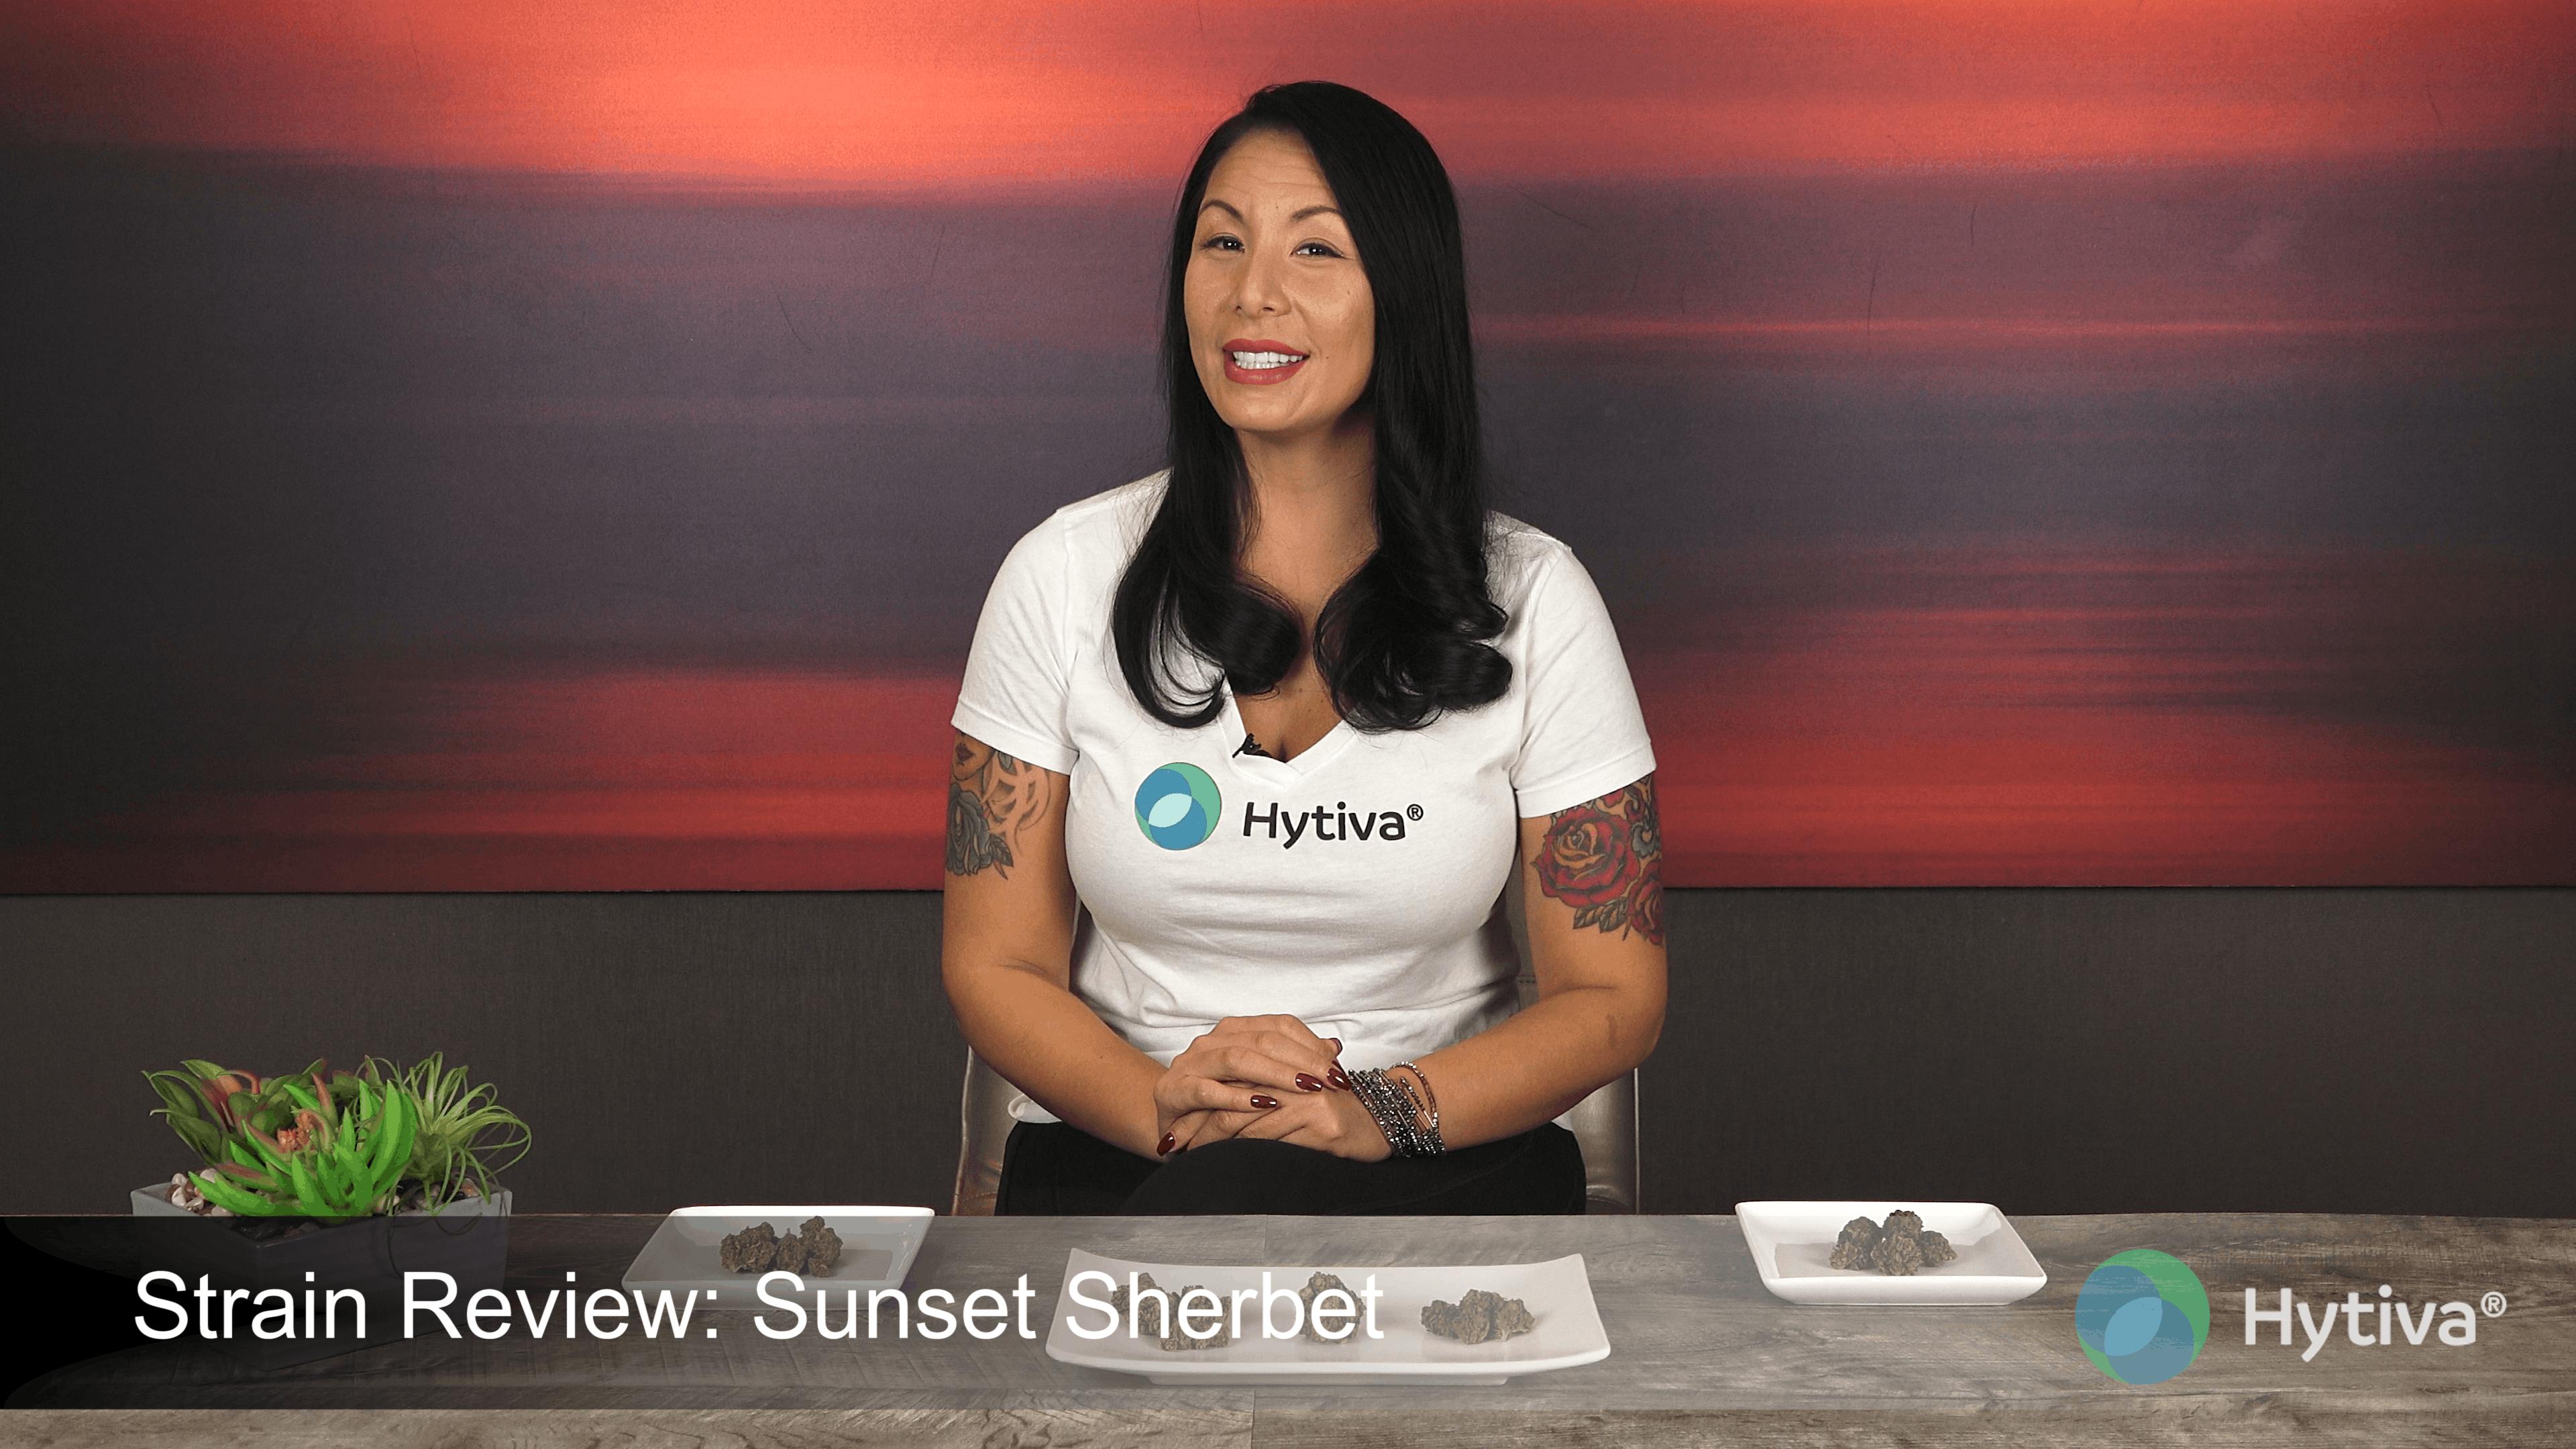 Strain Review : Sunset Sherbet